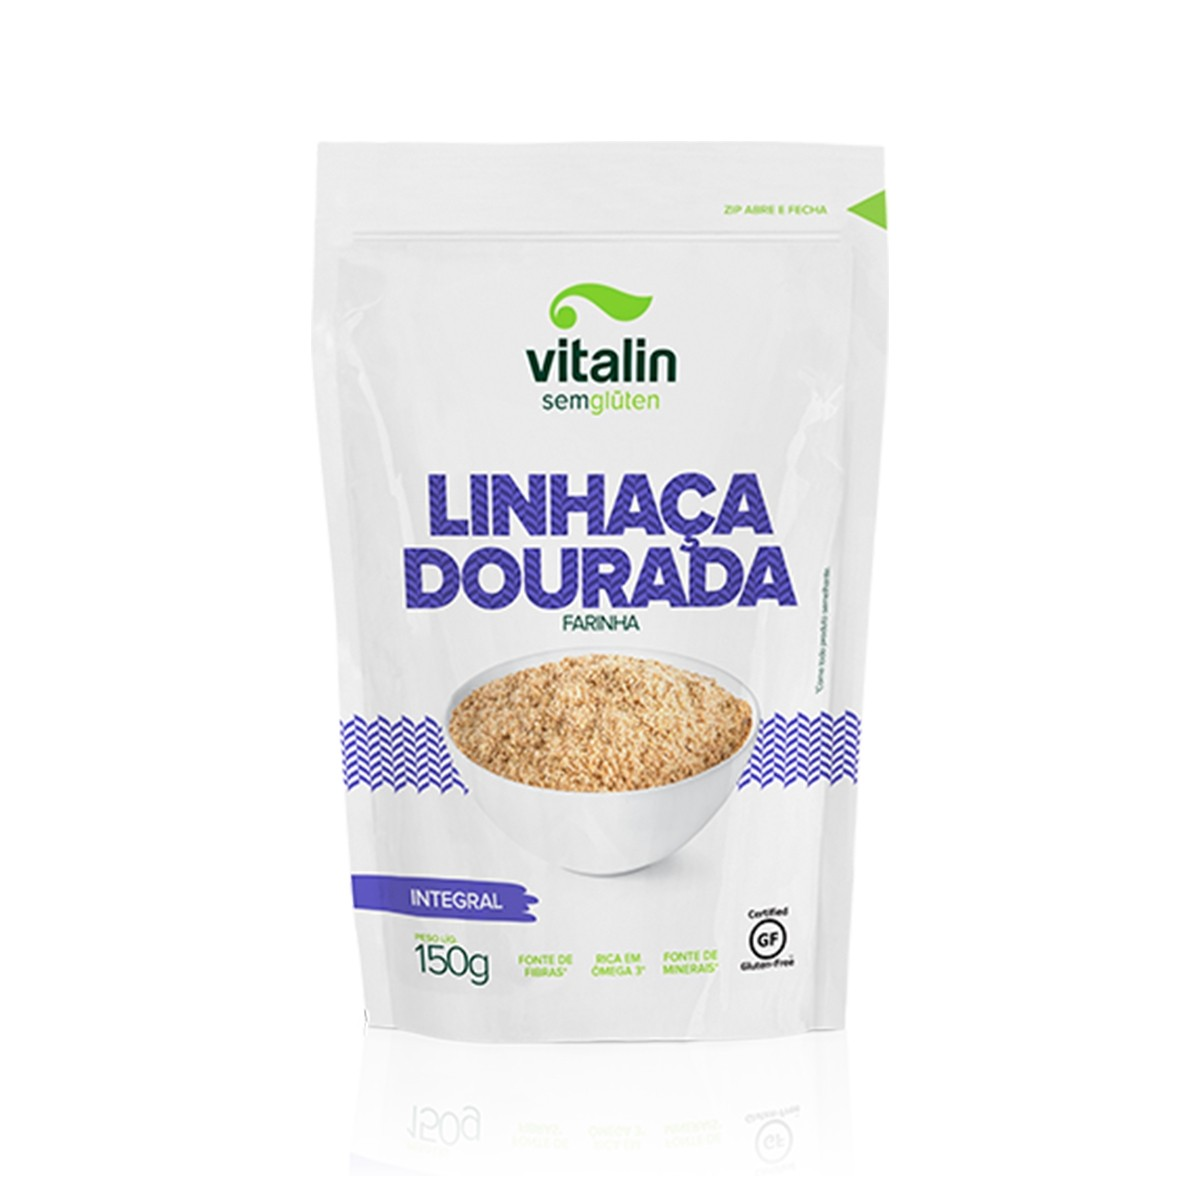 Farinha de Linhaça Dourada 150g - Vitalin